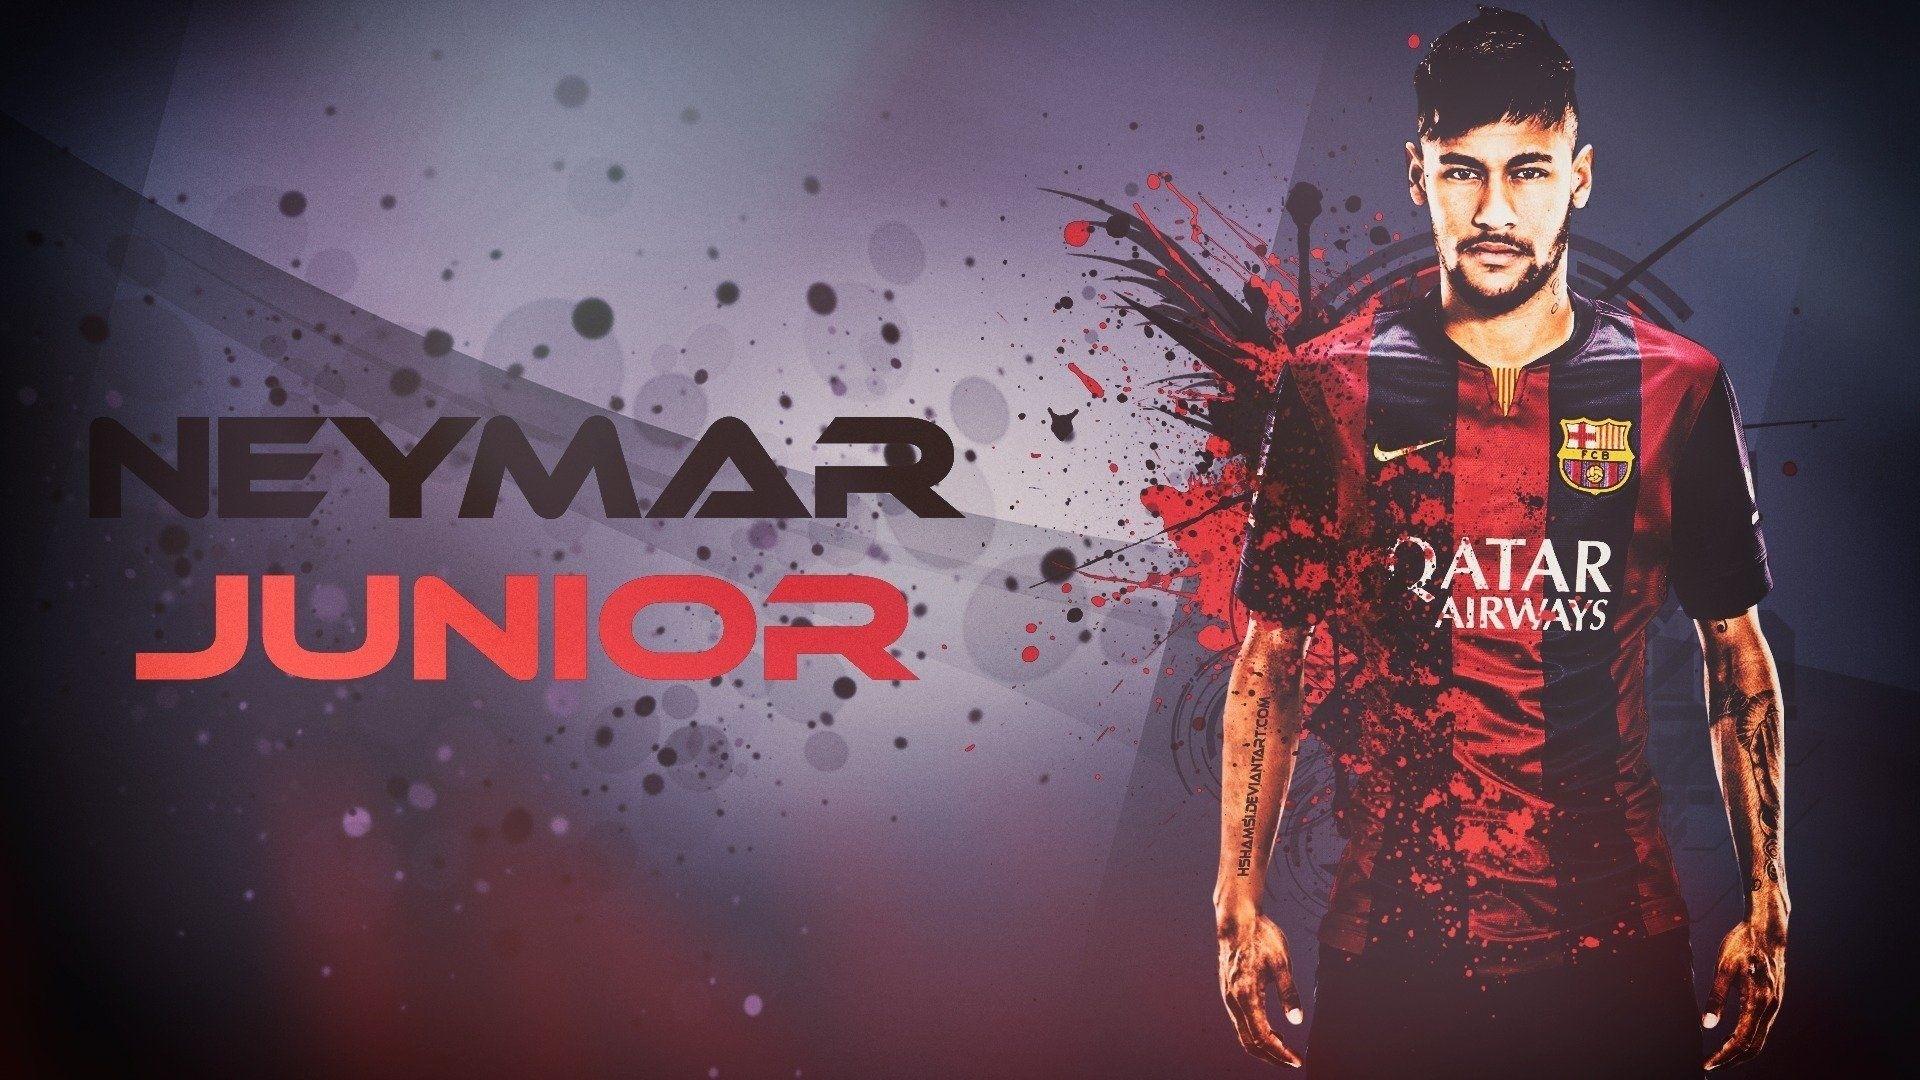 Neymar a wallpaper